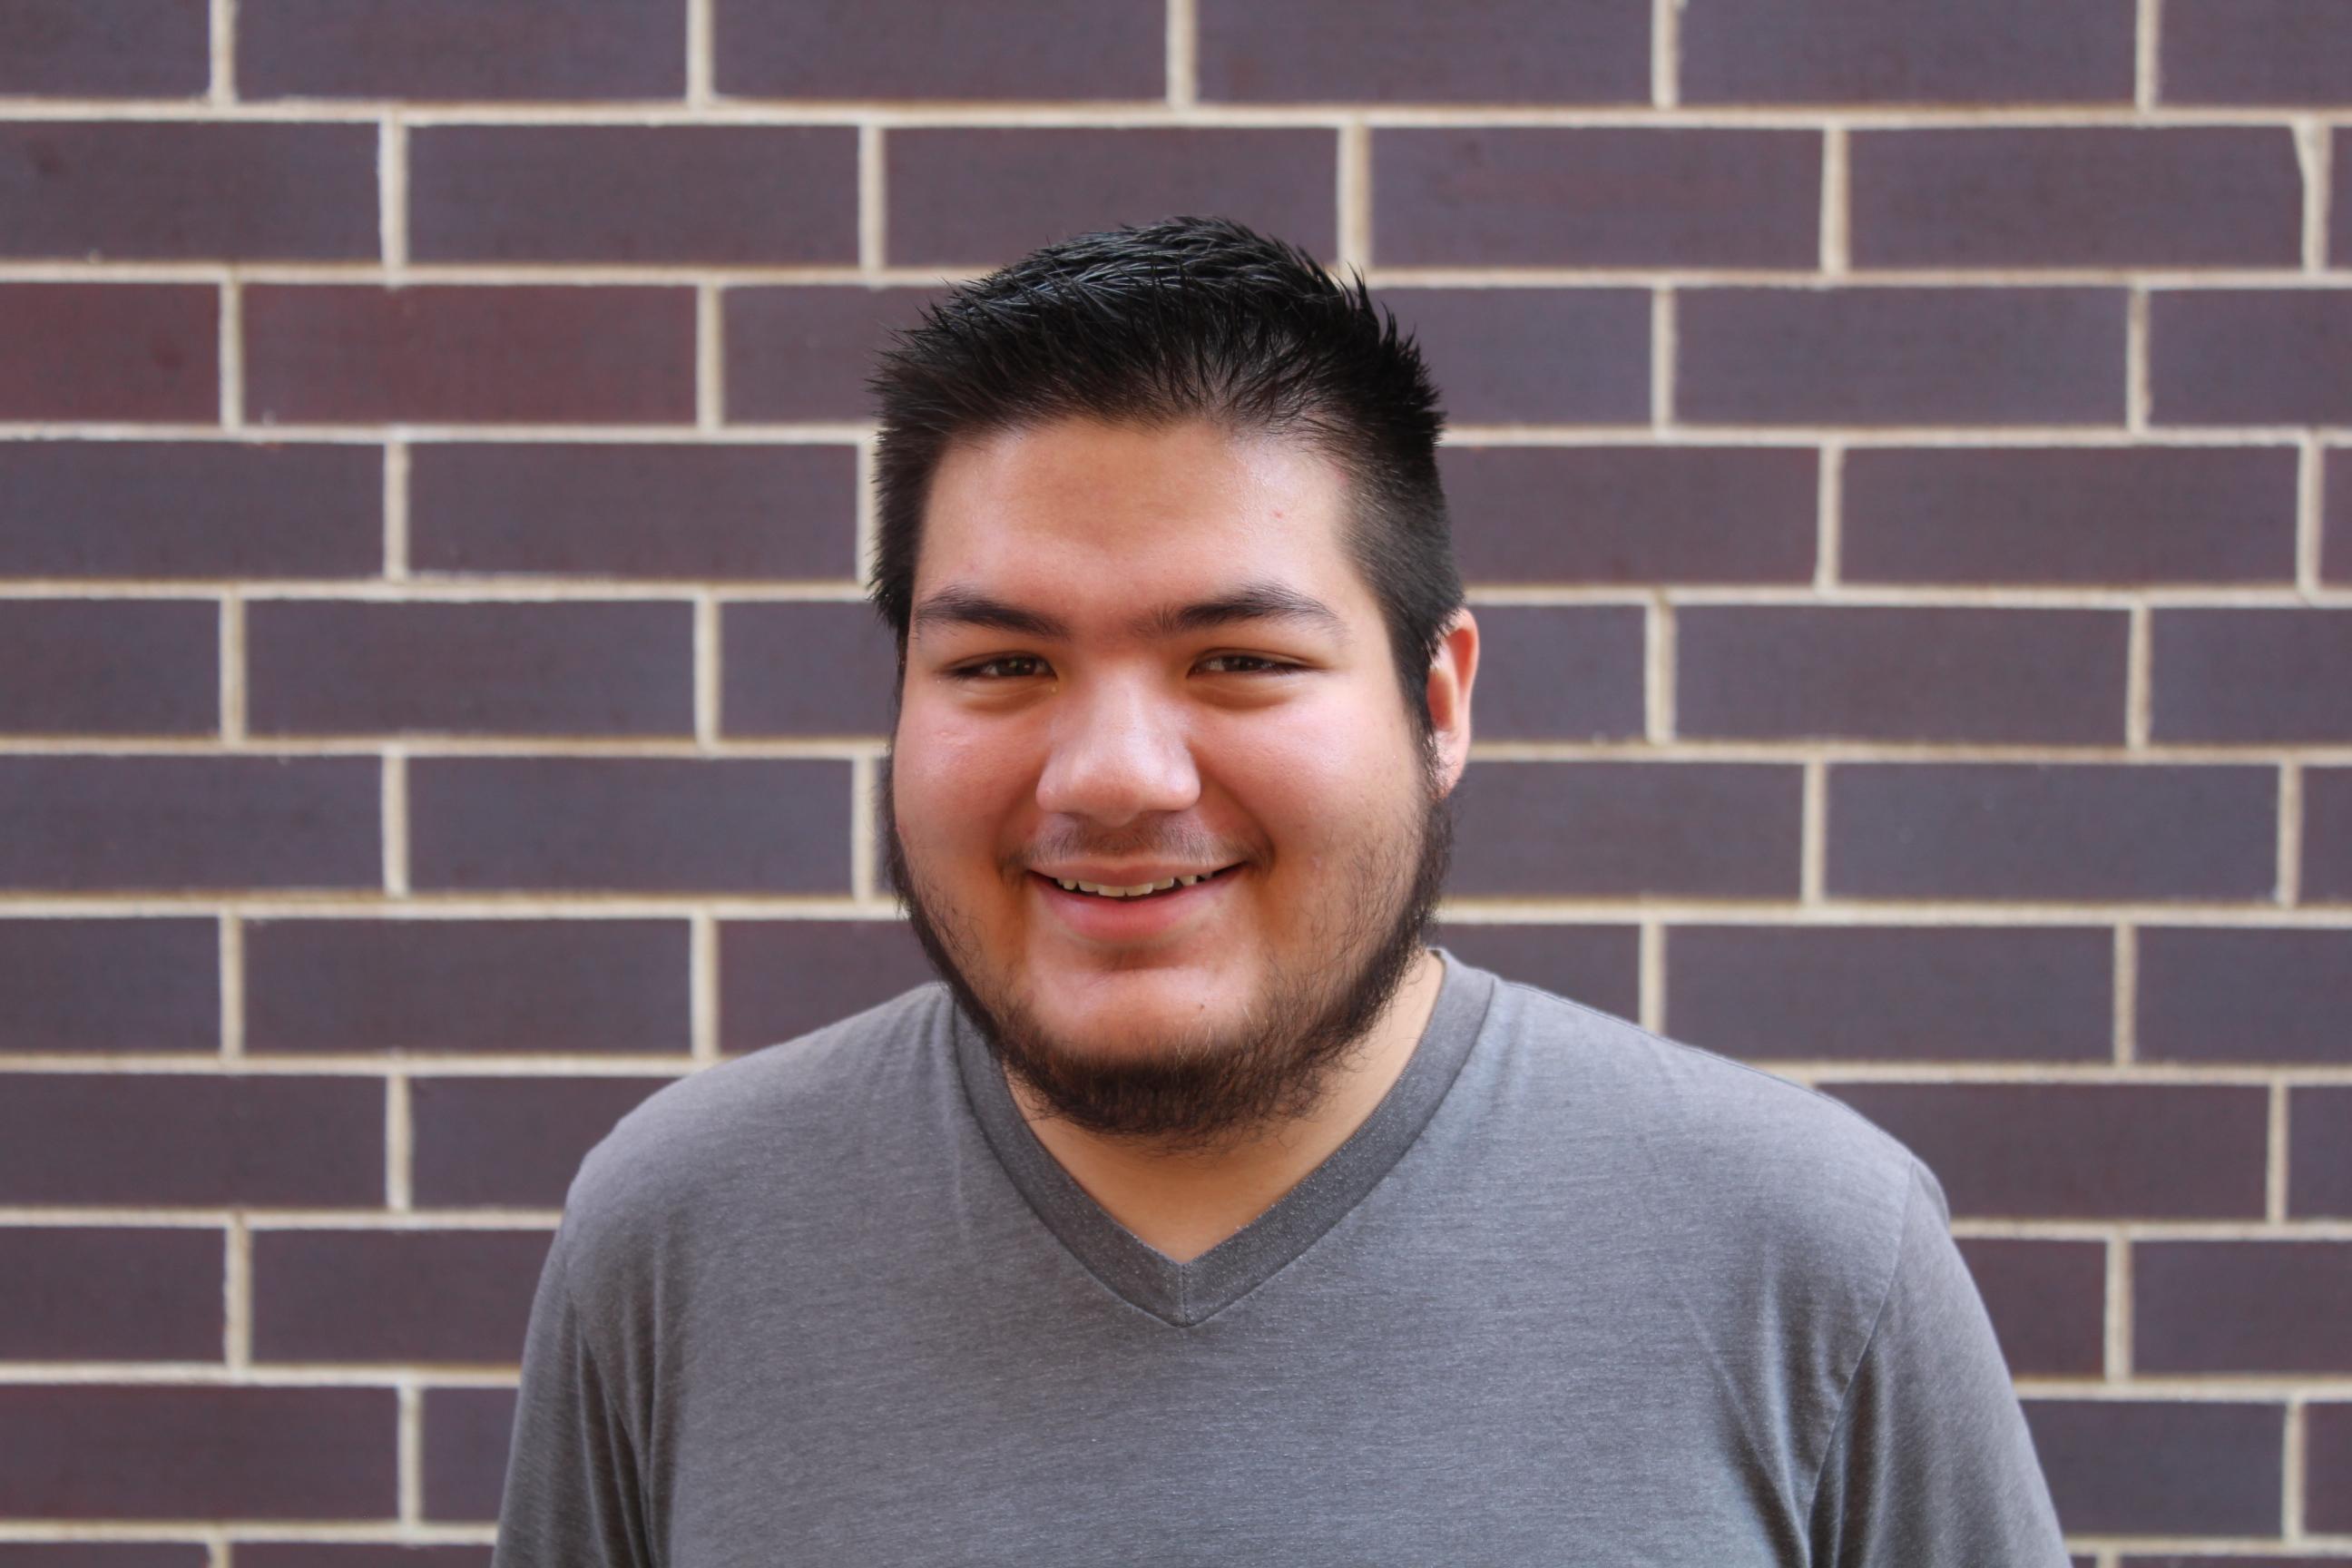 Manny Medina